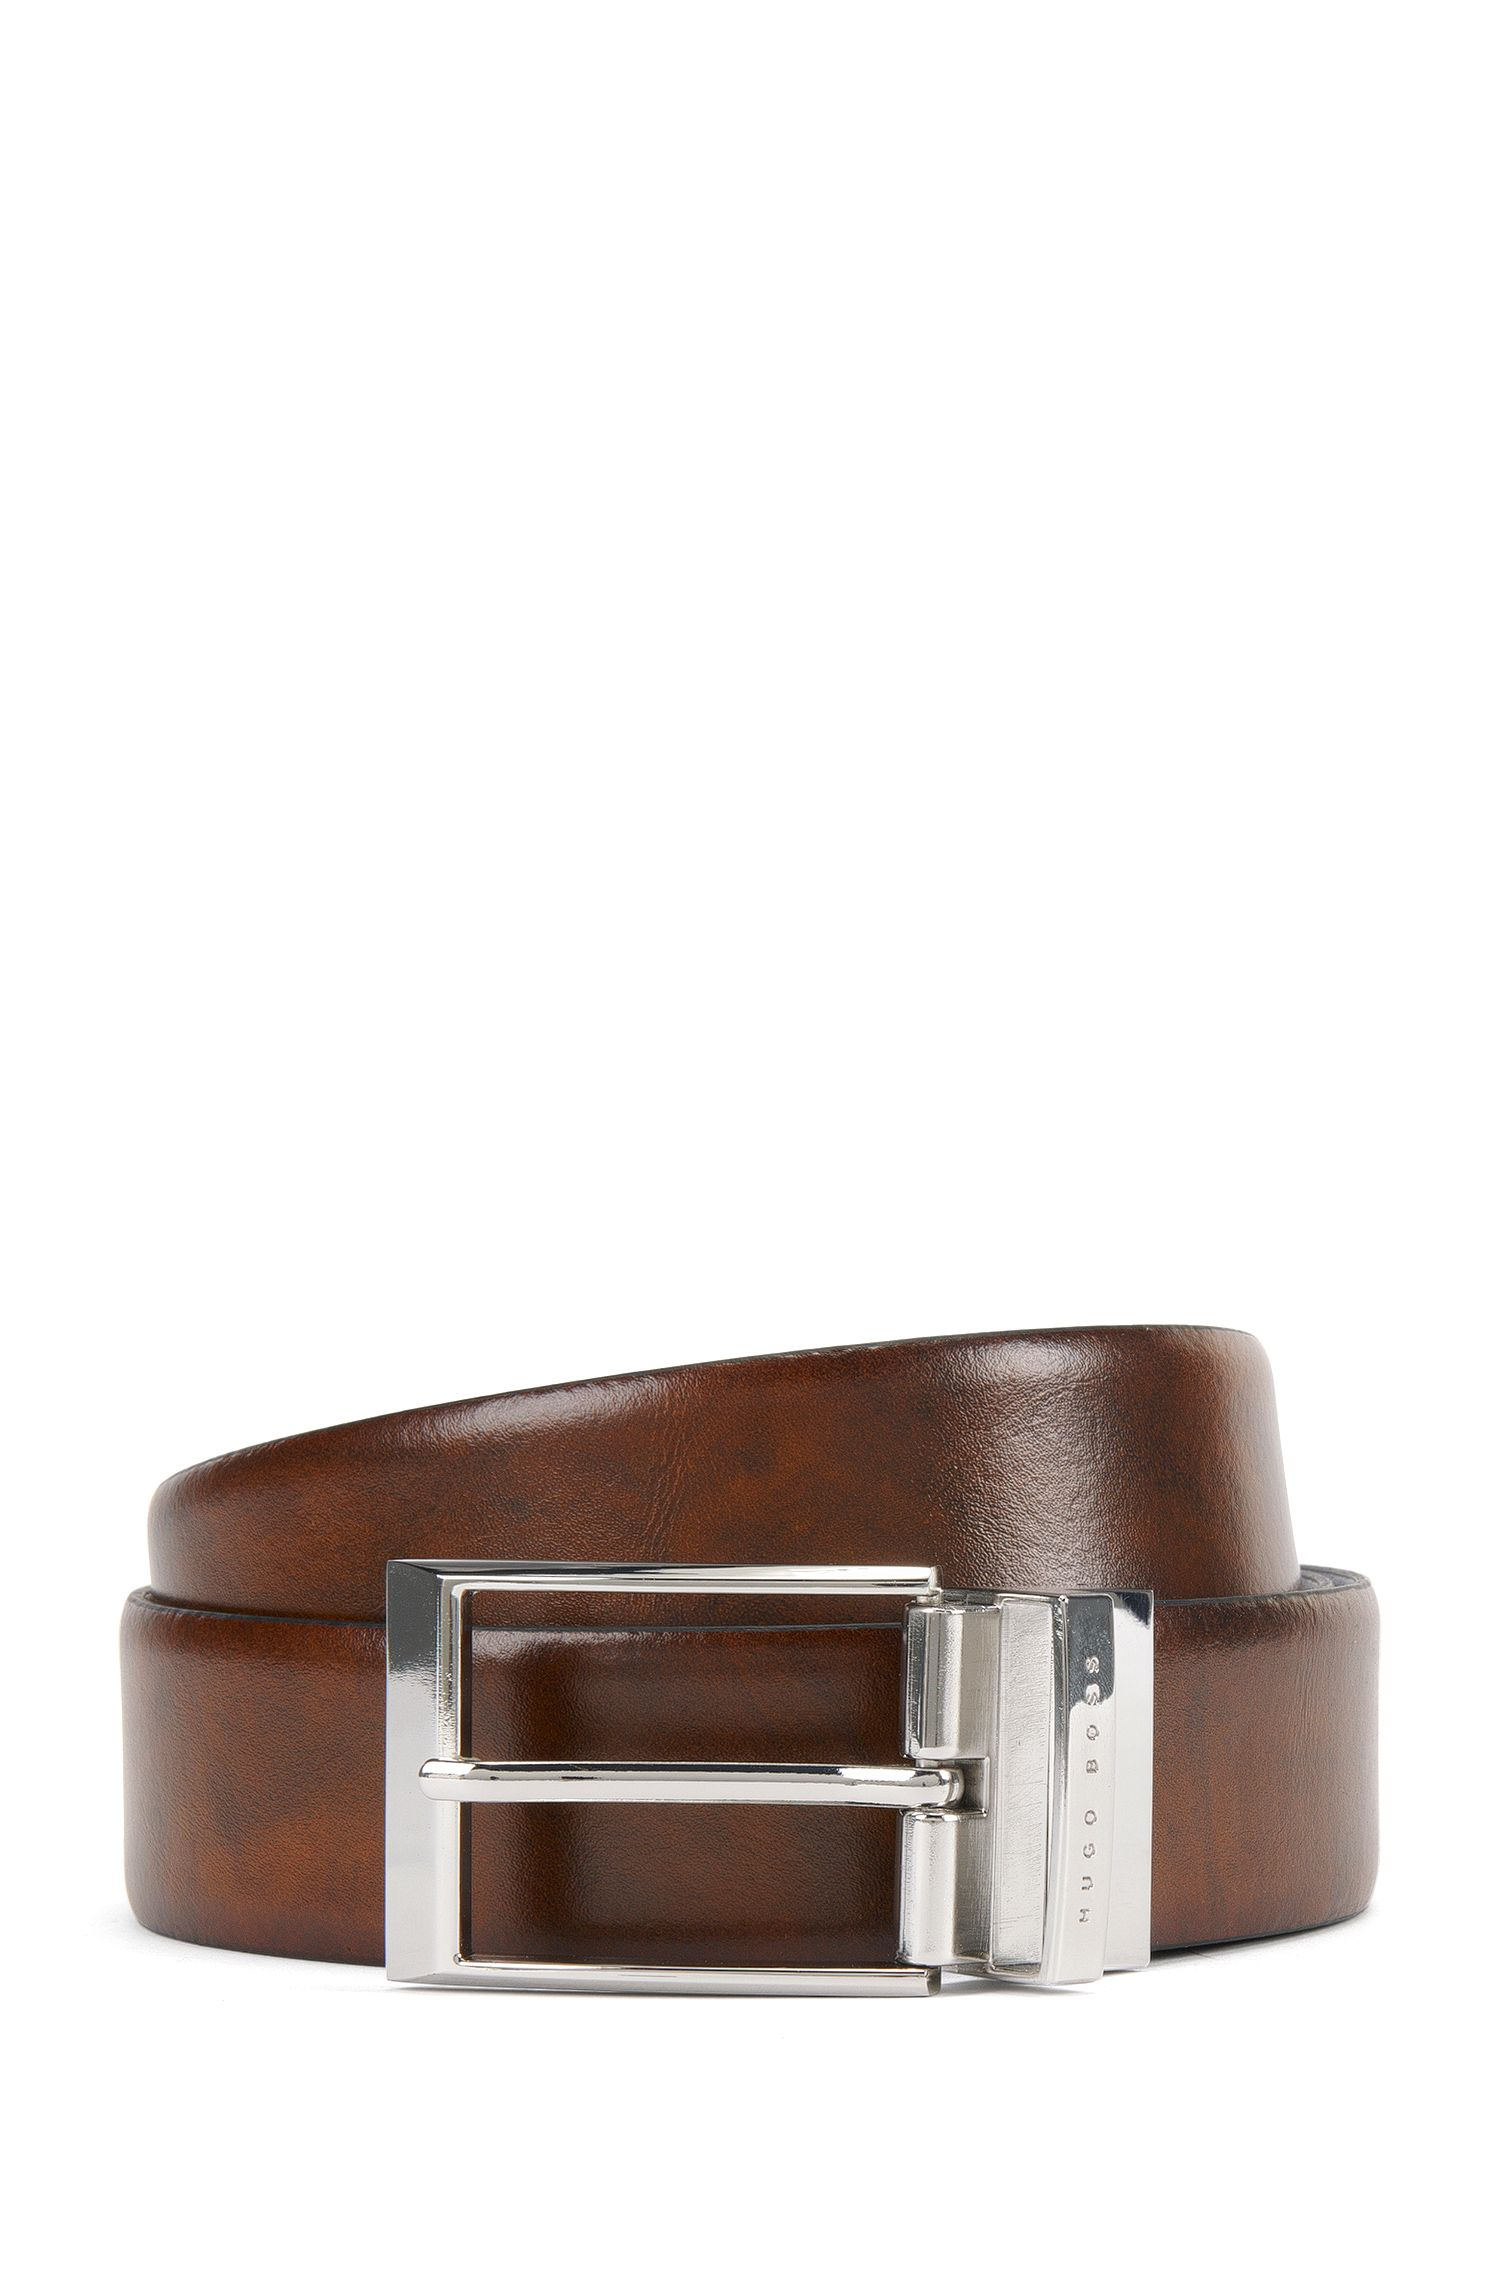 Reversible Leather Belt | Ombel Or35 Pp